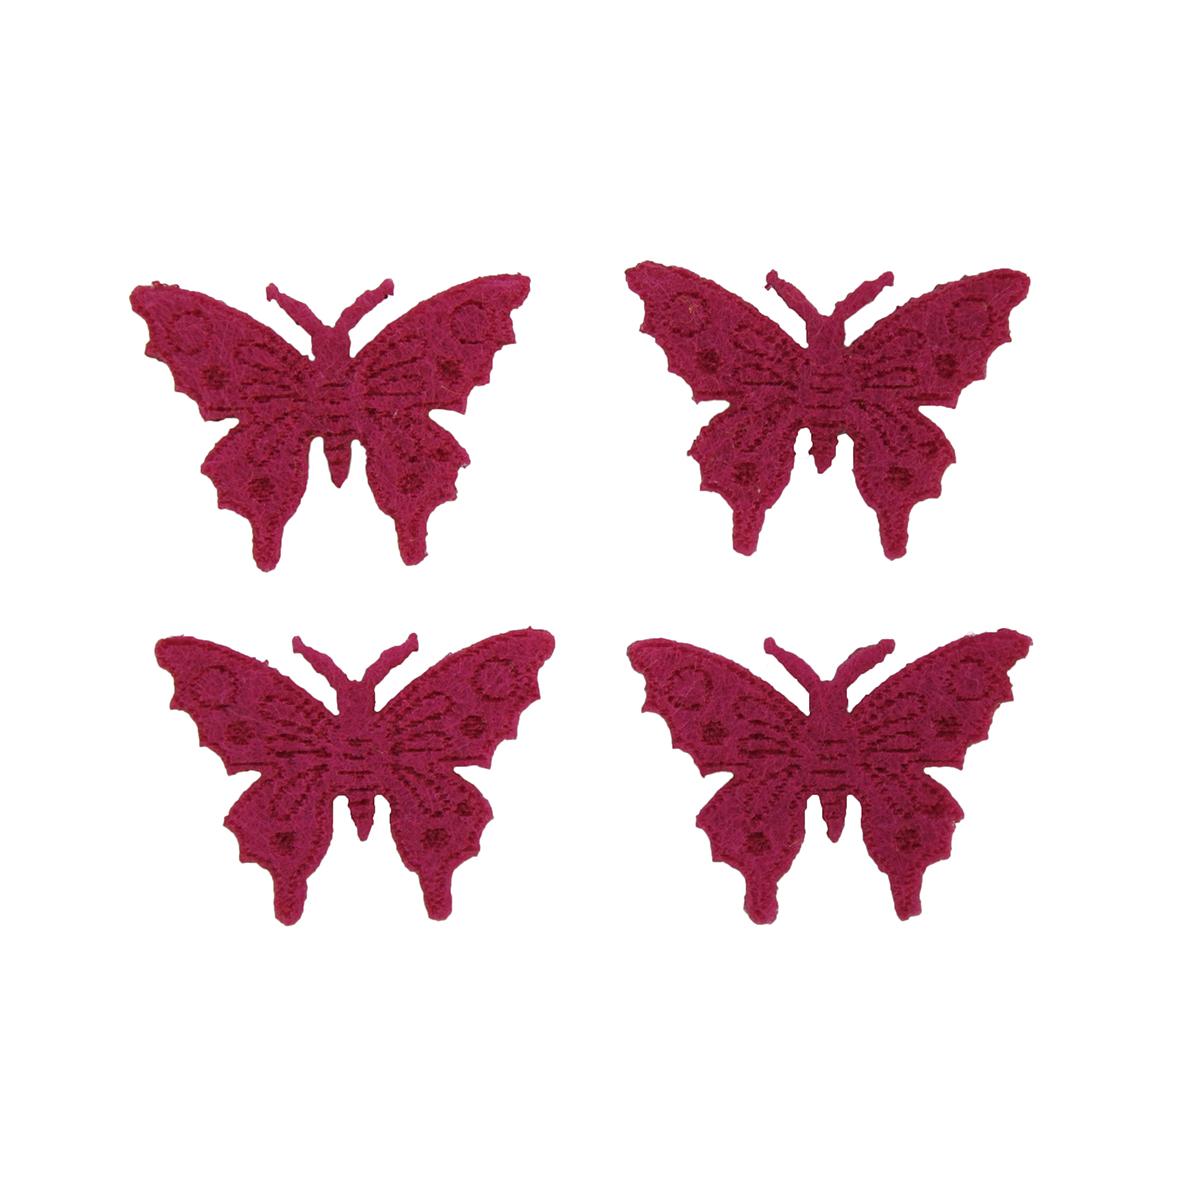 Фигурки из фетра Glorex Бабочки, цвет: розовый, 10 шт318817Фетр пользуется большой популярностью среди рукодельниц. Его любят за эстетичный вид, практичность и отличную текстуру. Из данного материала вашему вниманию предлагаются заготовки Glorex. Широкое разнообразие цветов и форм поможет реализовать творческие задумки и гармоничным образом дополнить ваше творение. Из фетра можно создавать обложки для книг, ежедневников, игрушки, декоративные чехлы для подушек и многое, многое другое.